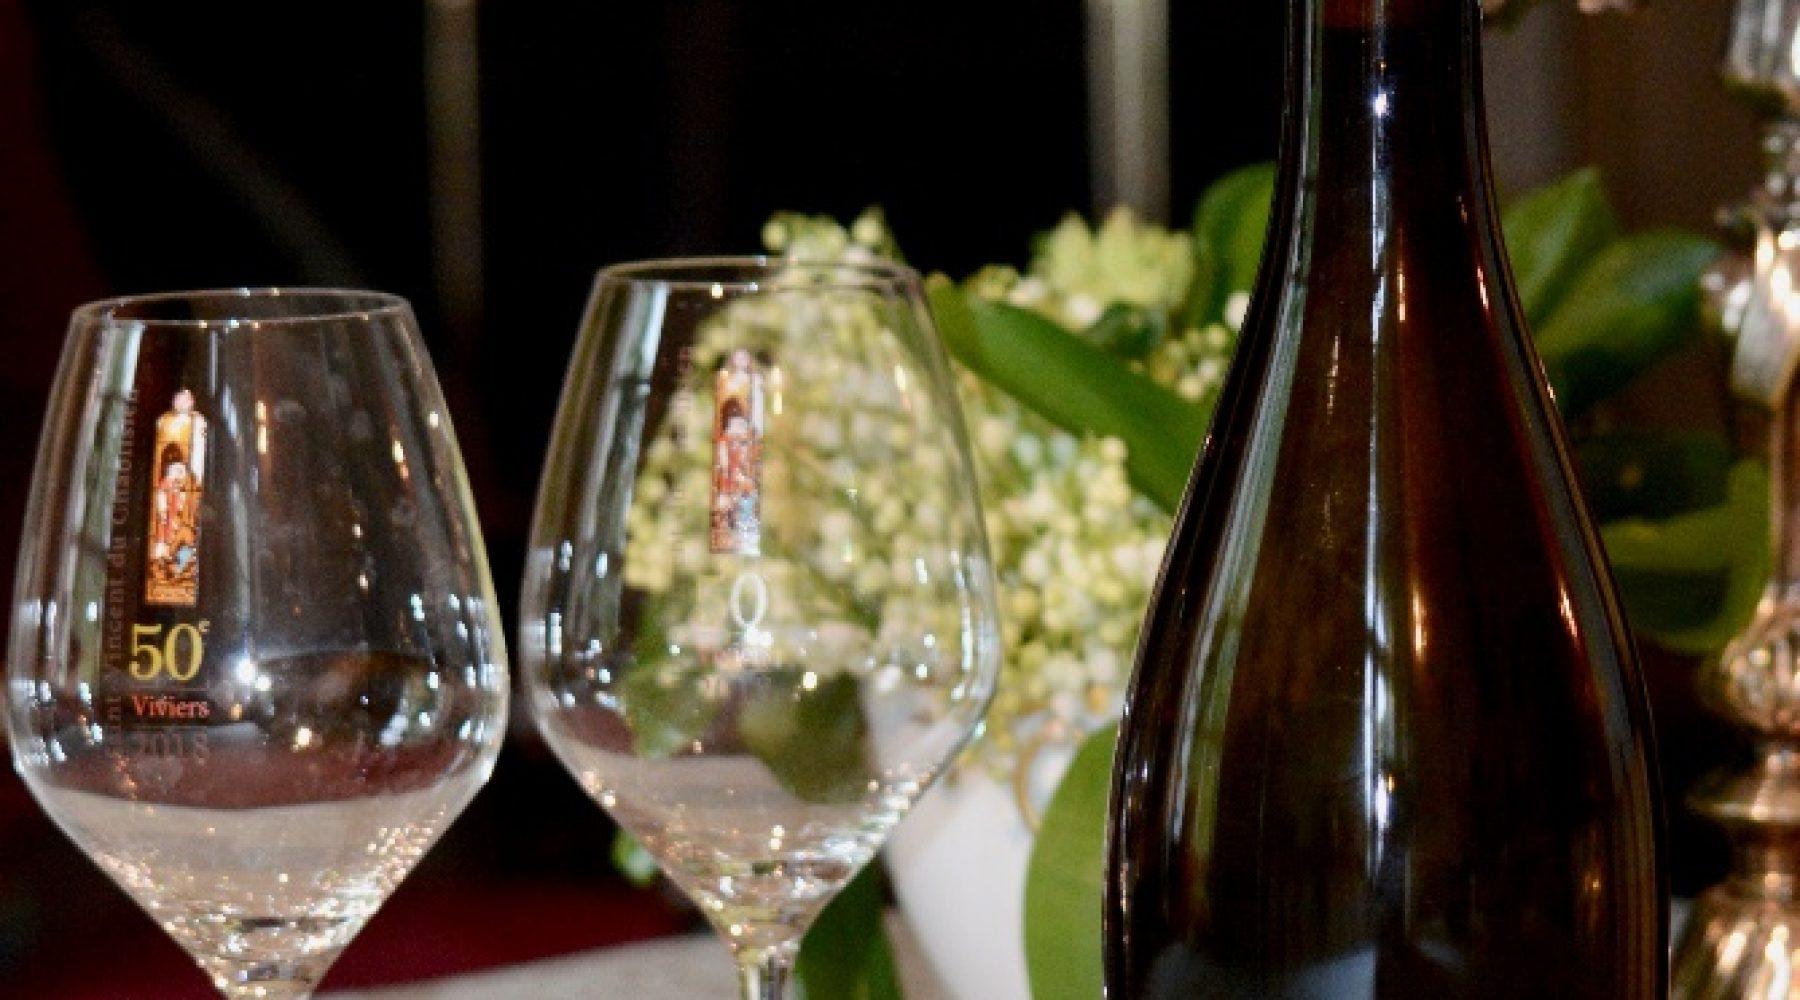 Les vins du Château de Viviers